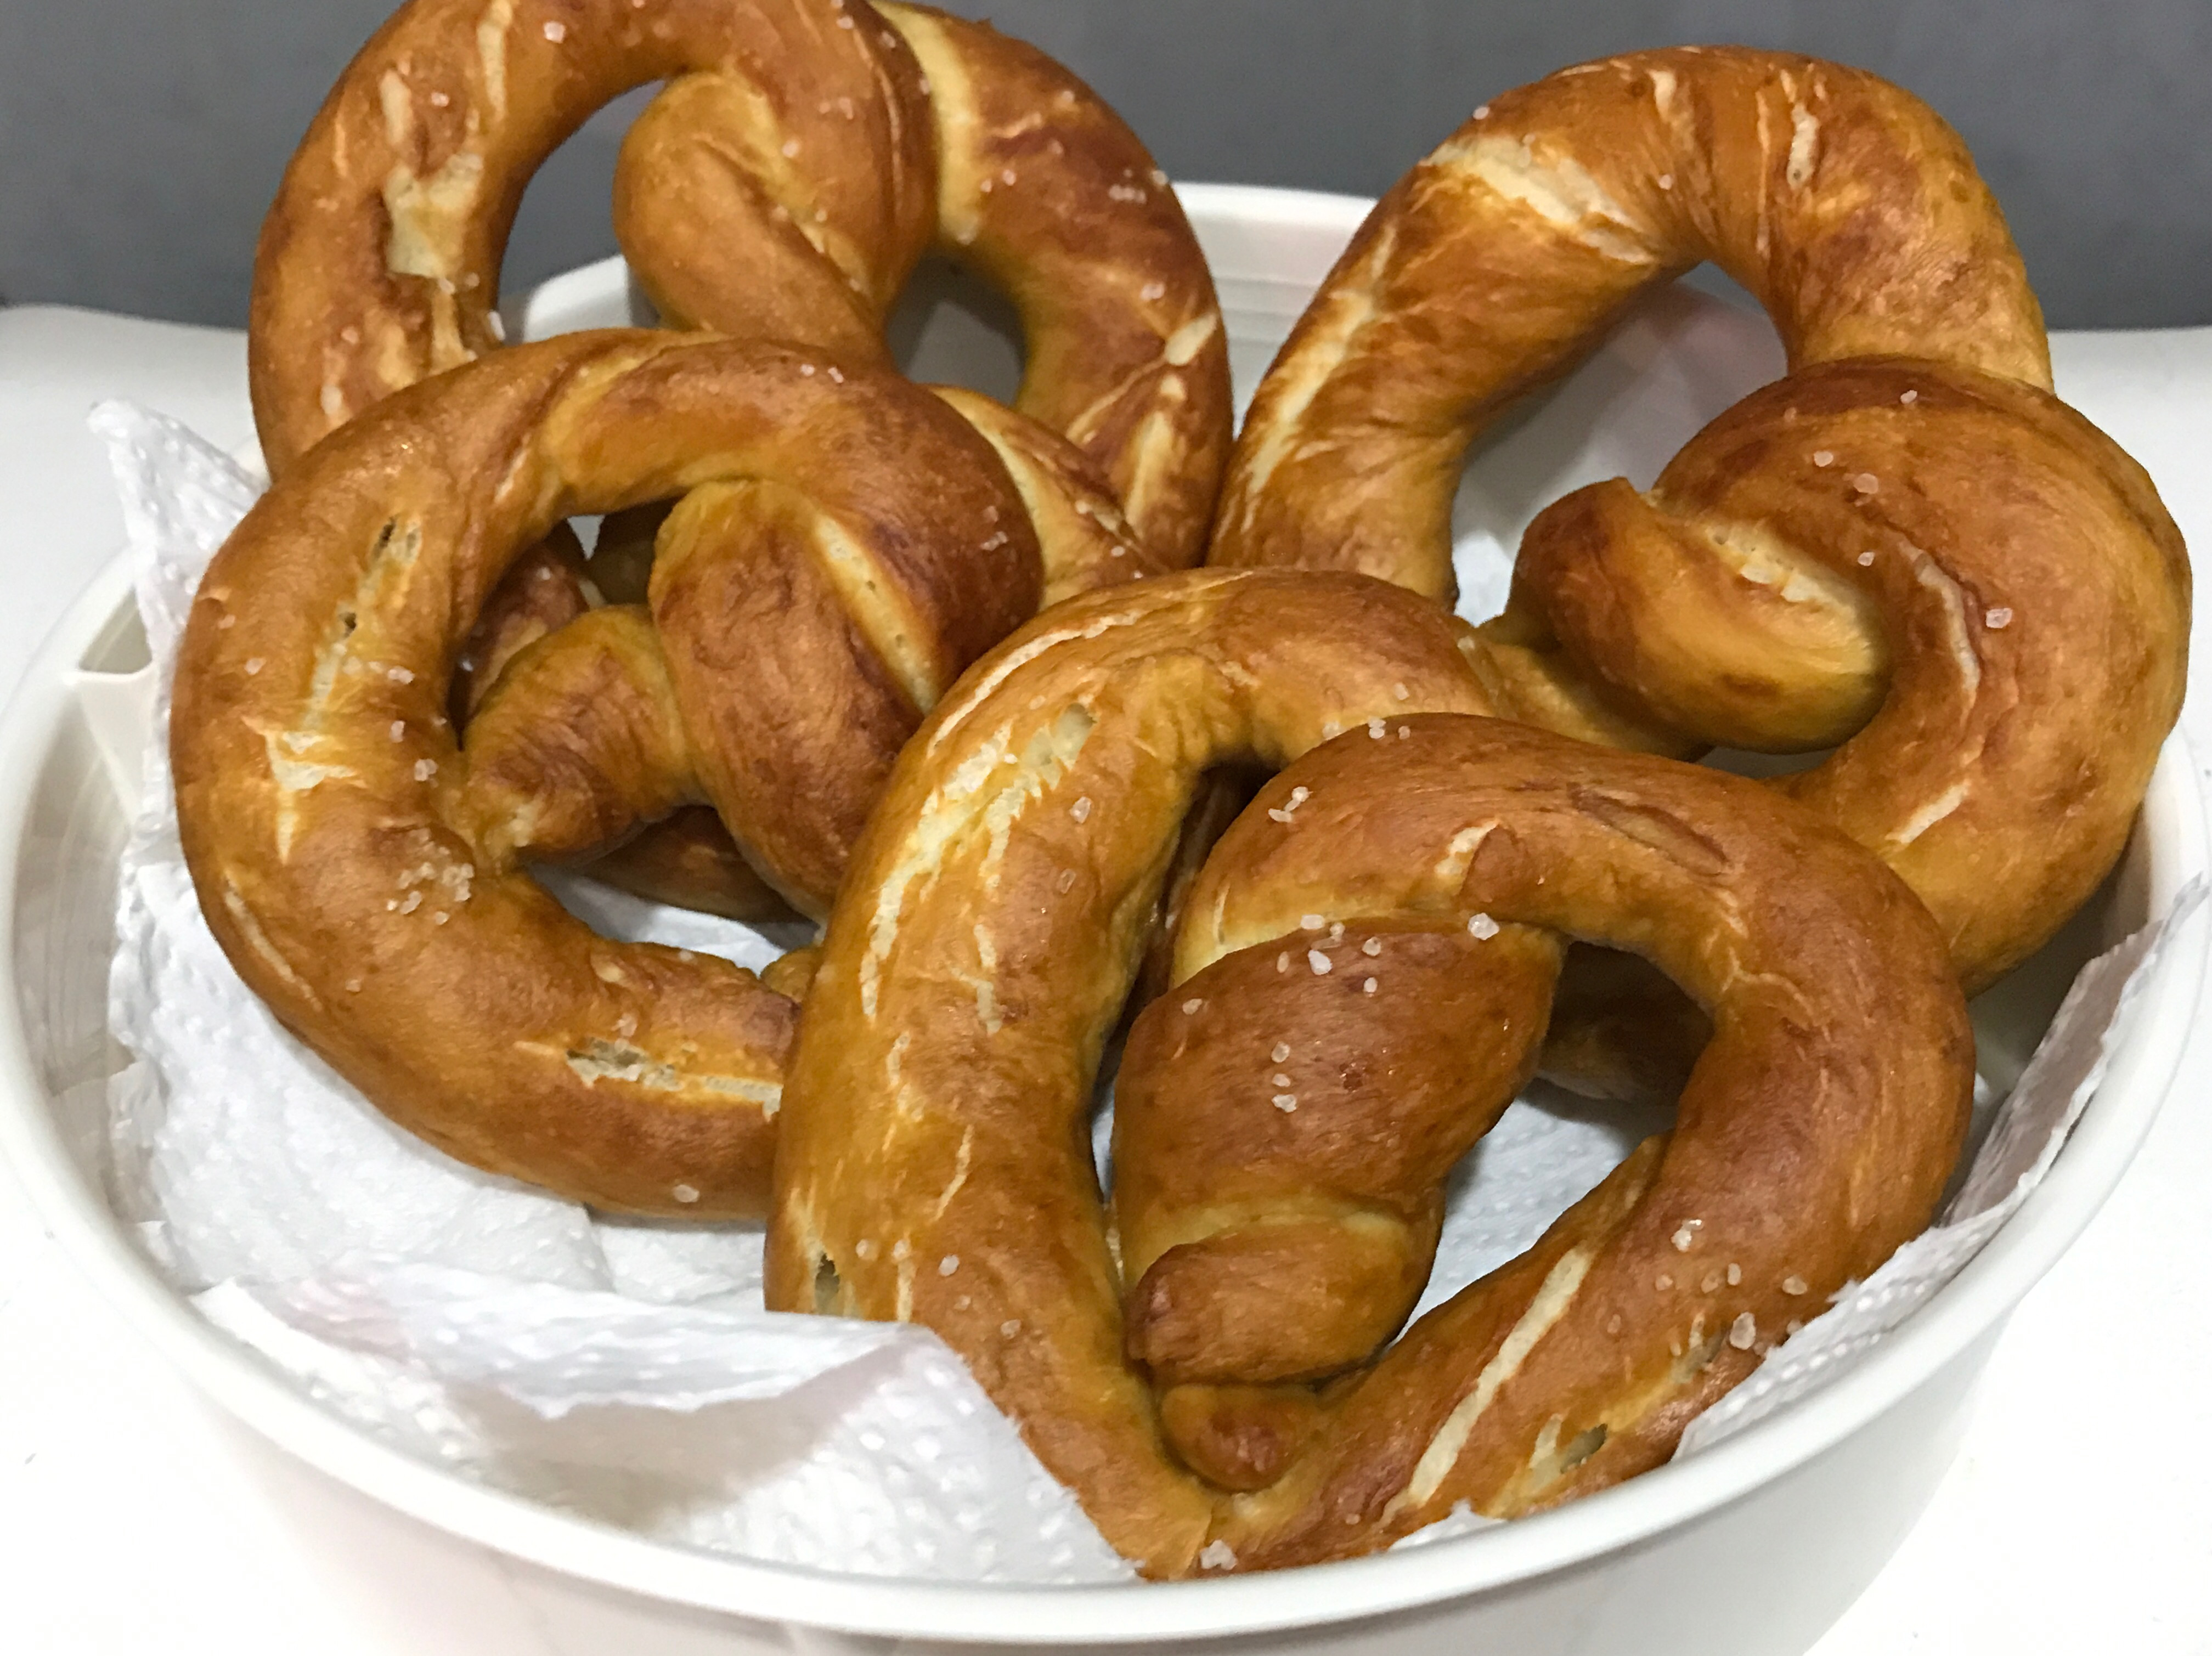 德國蝴蝶結包 德國麵包圈